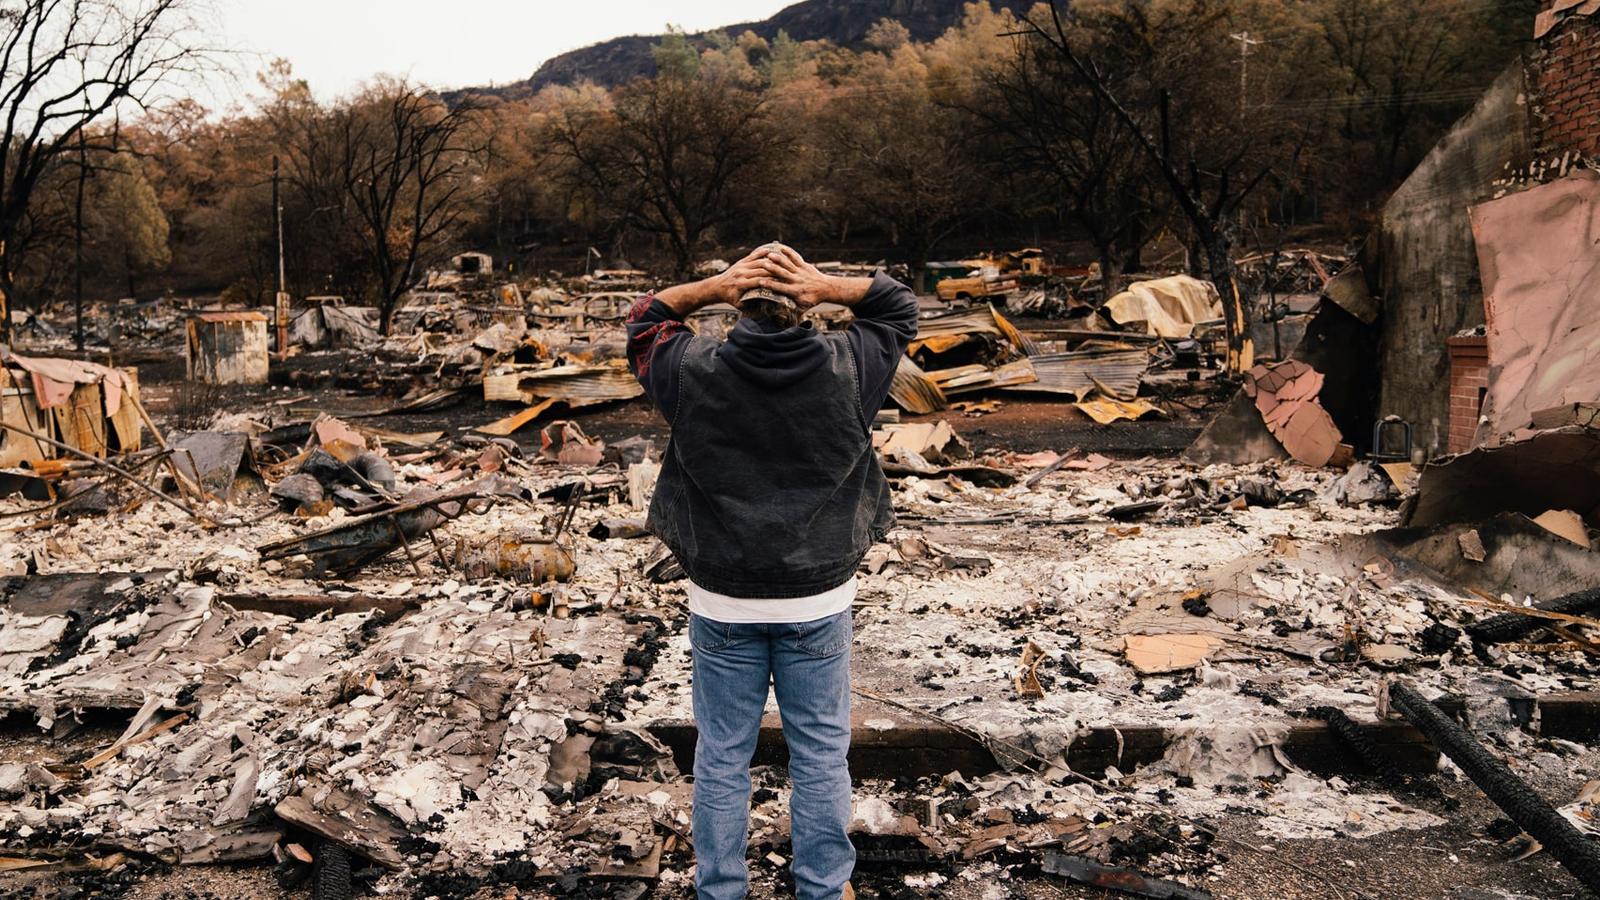 Ανασφάλιστο το 75% των αναμενόμενων ζημιών από φυσικές καταστροφές